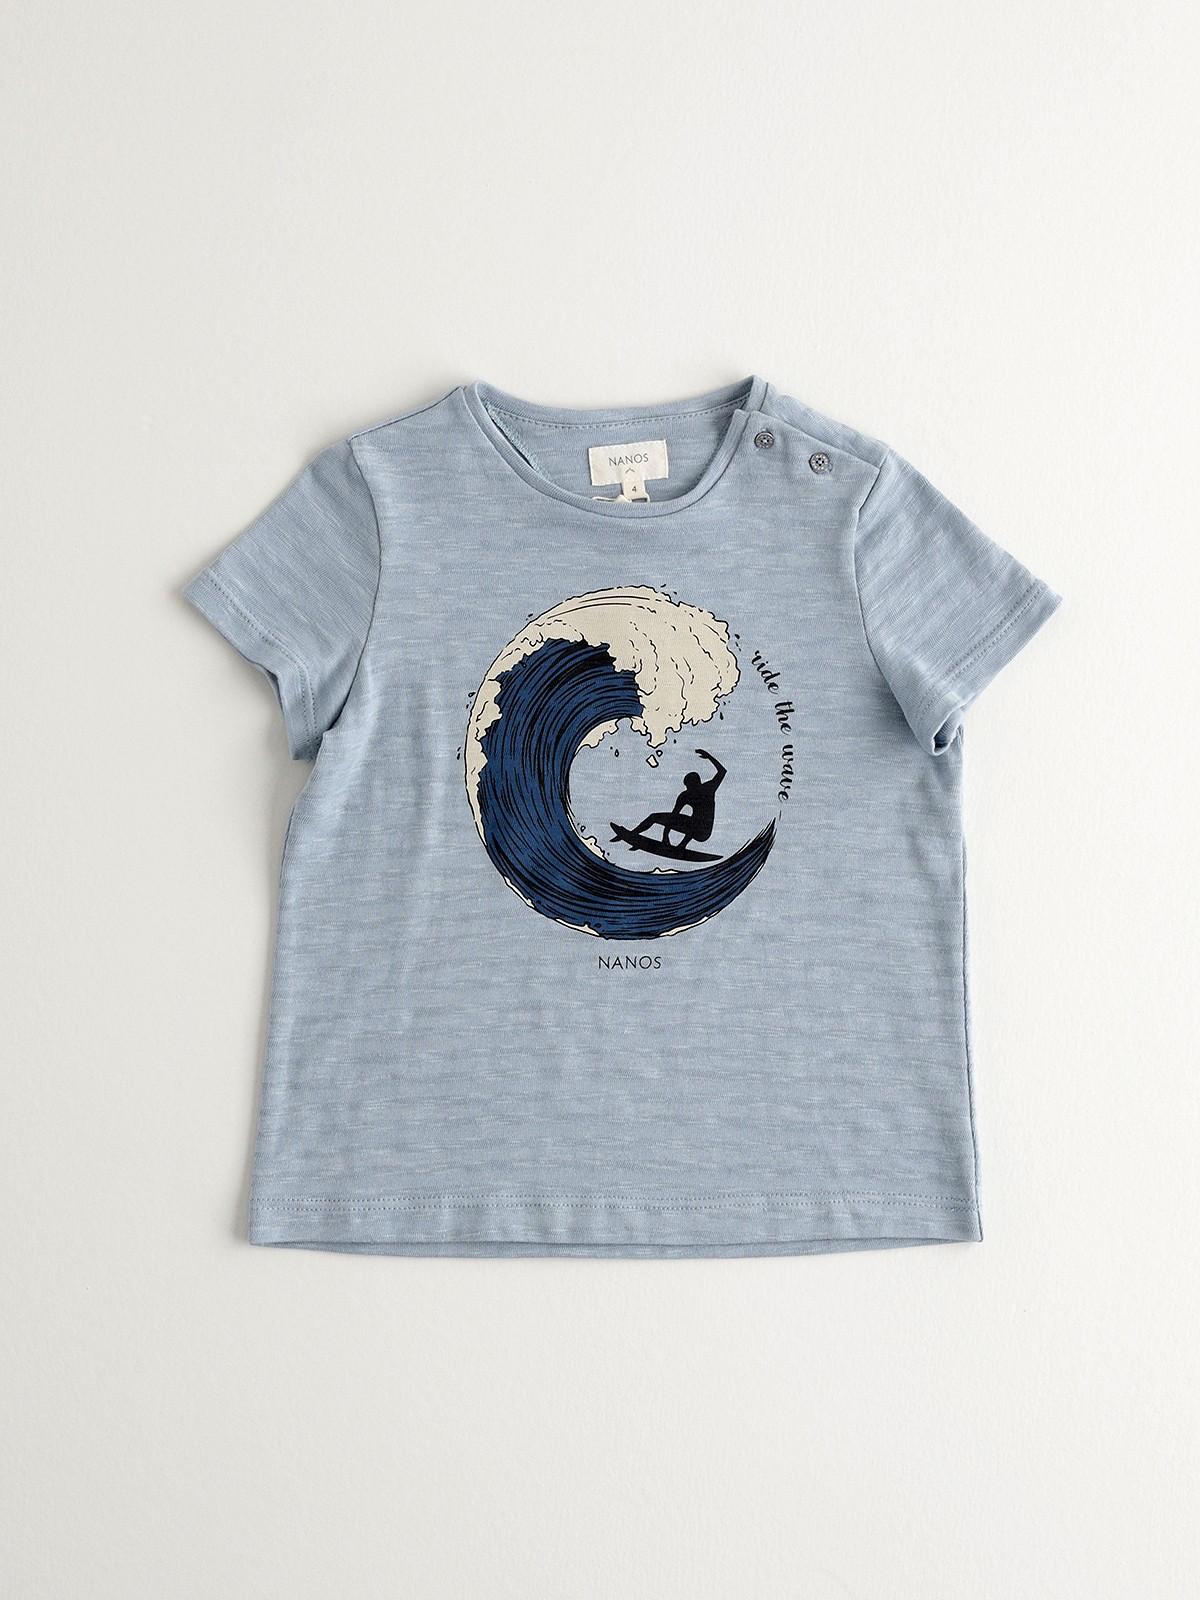 NANOS 藍色衝浪上衣